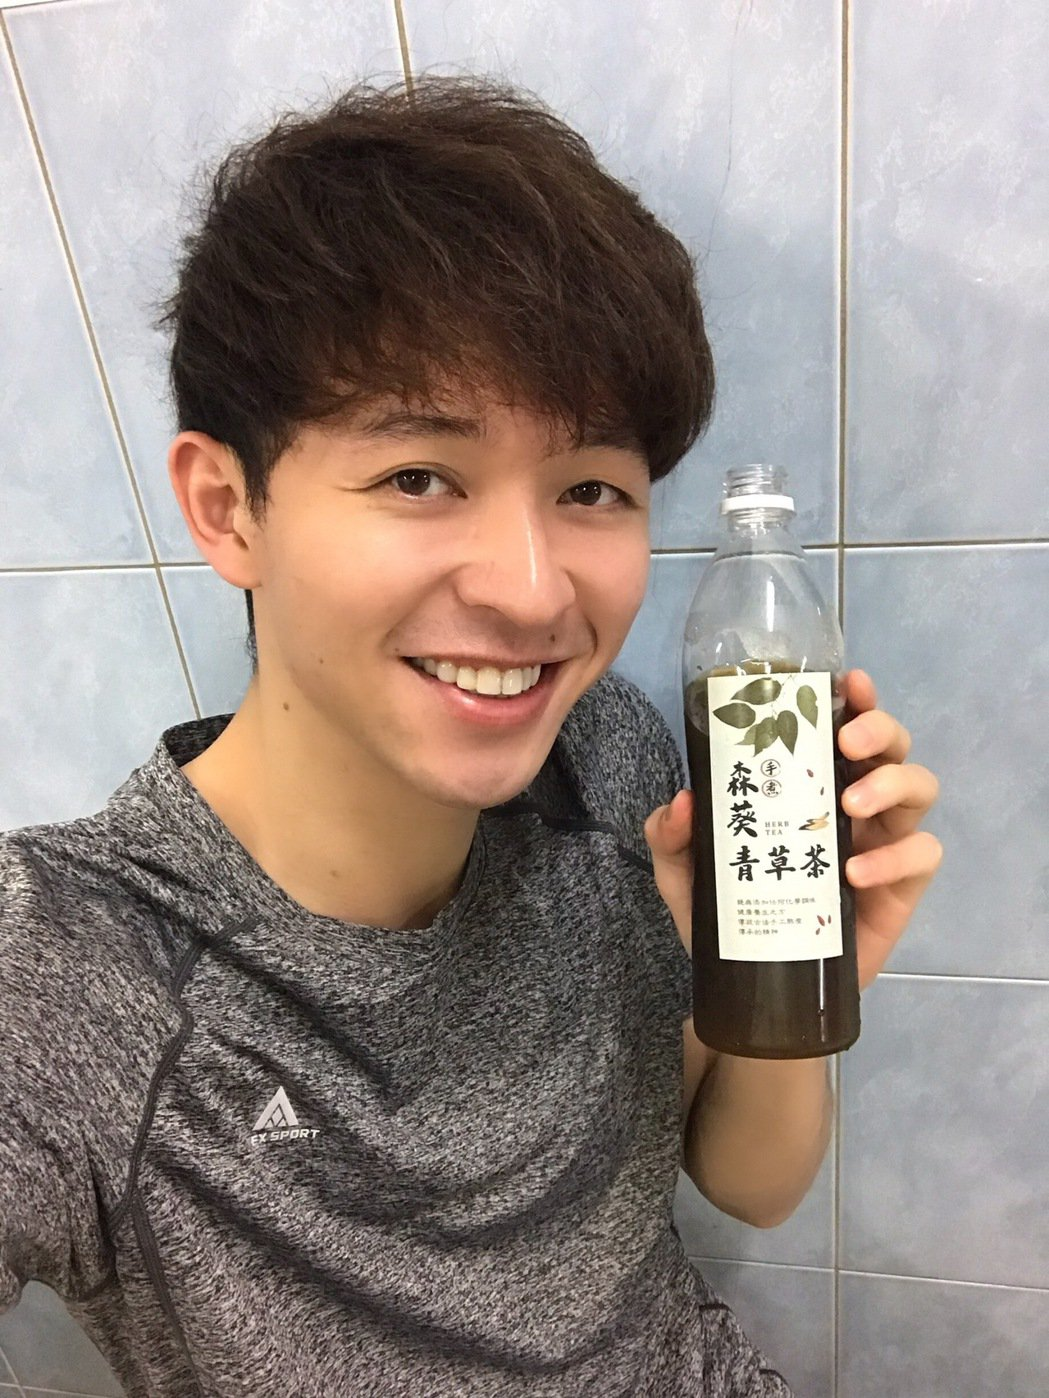 李子森砸30萬創業。圖/勝駿娛樂提供